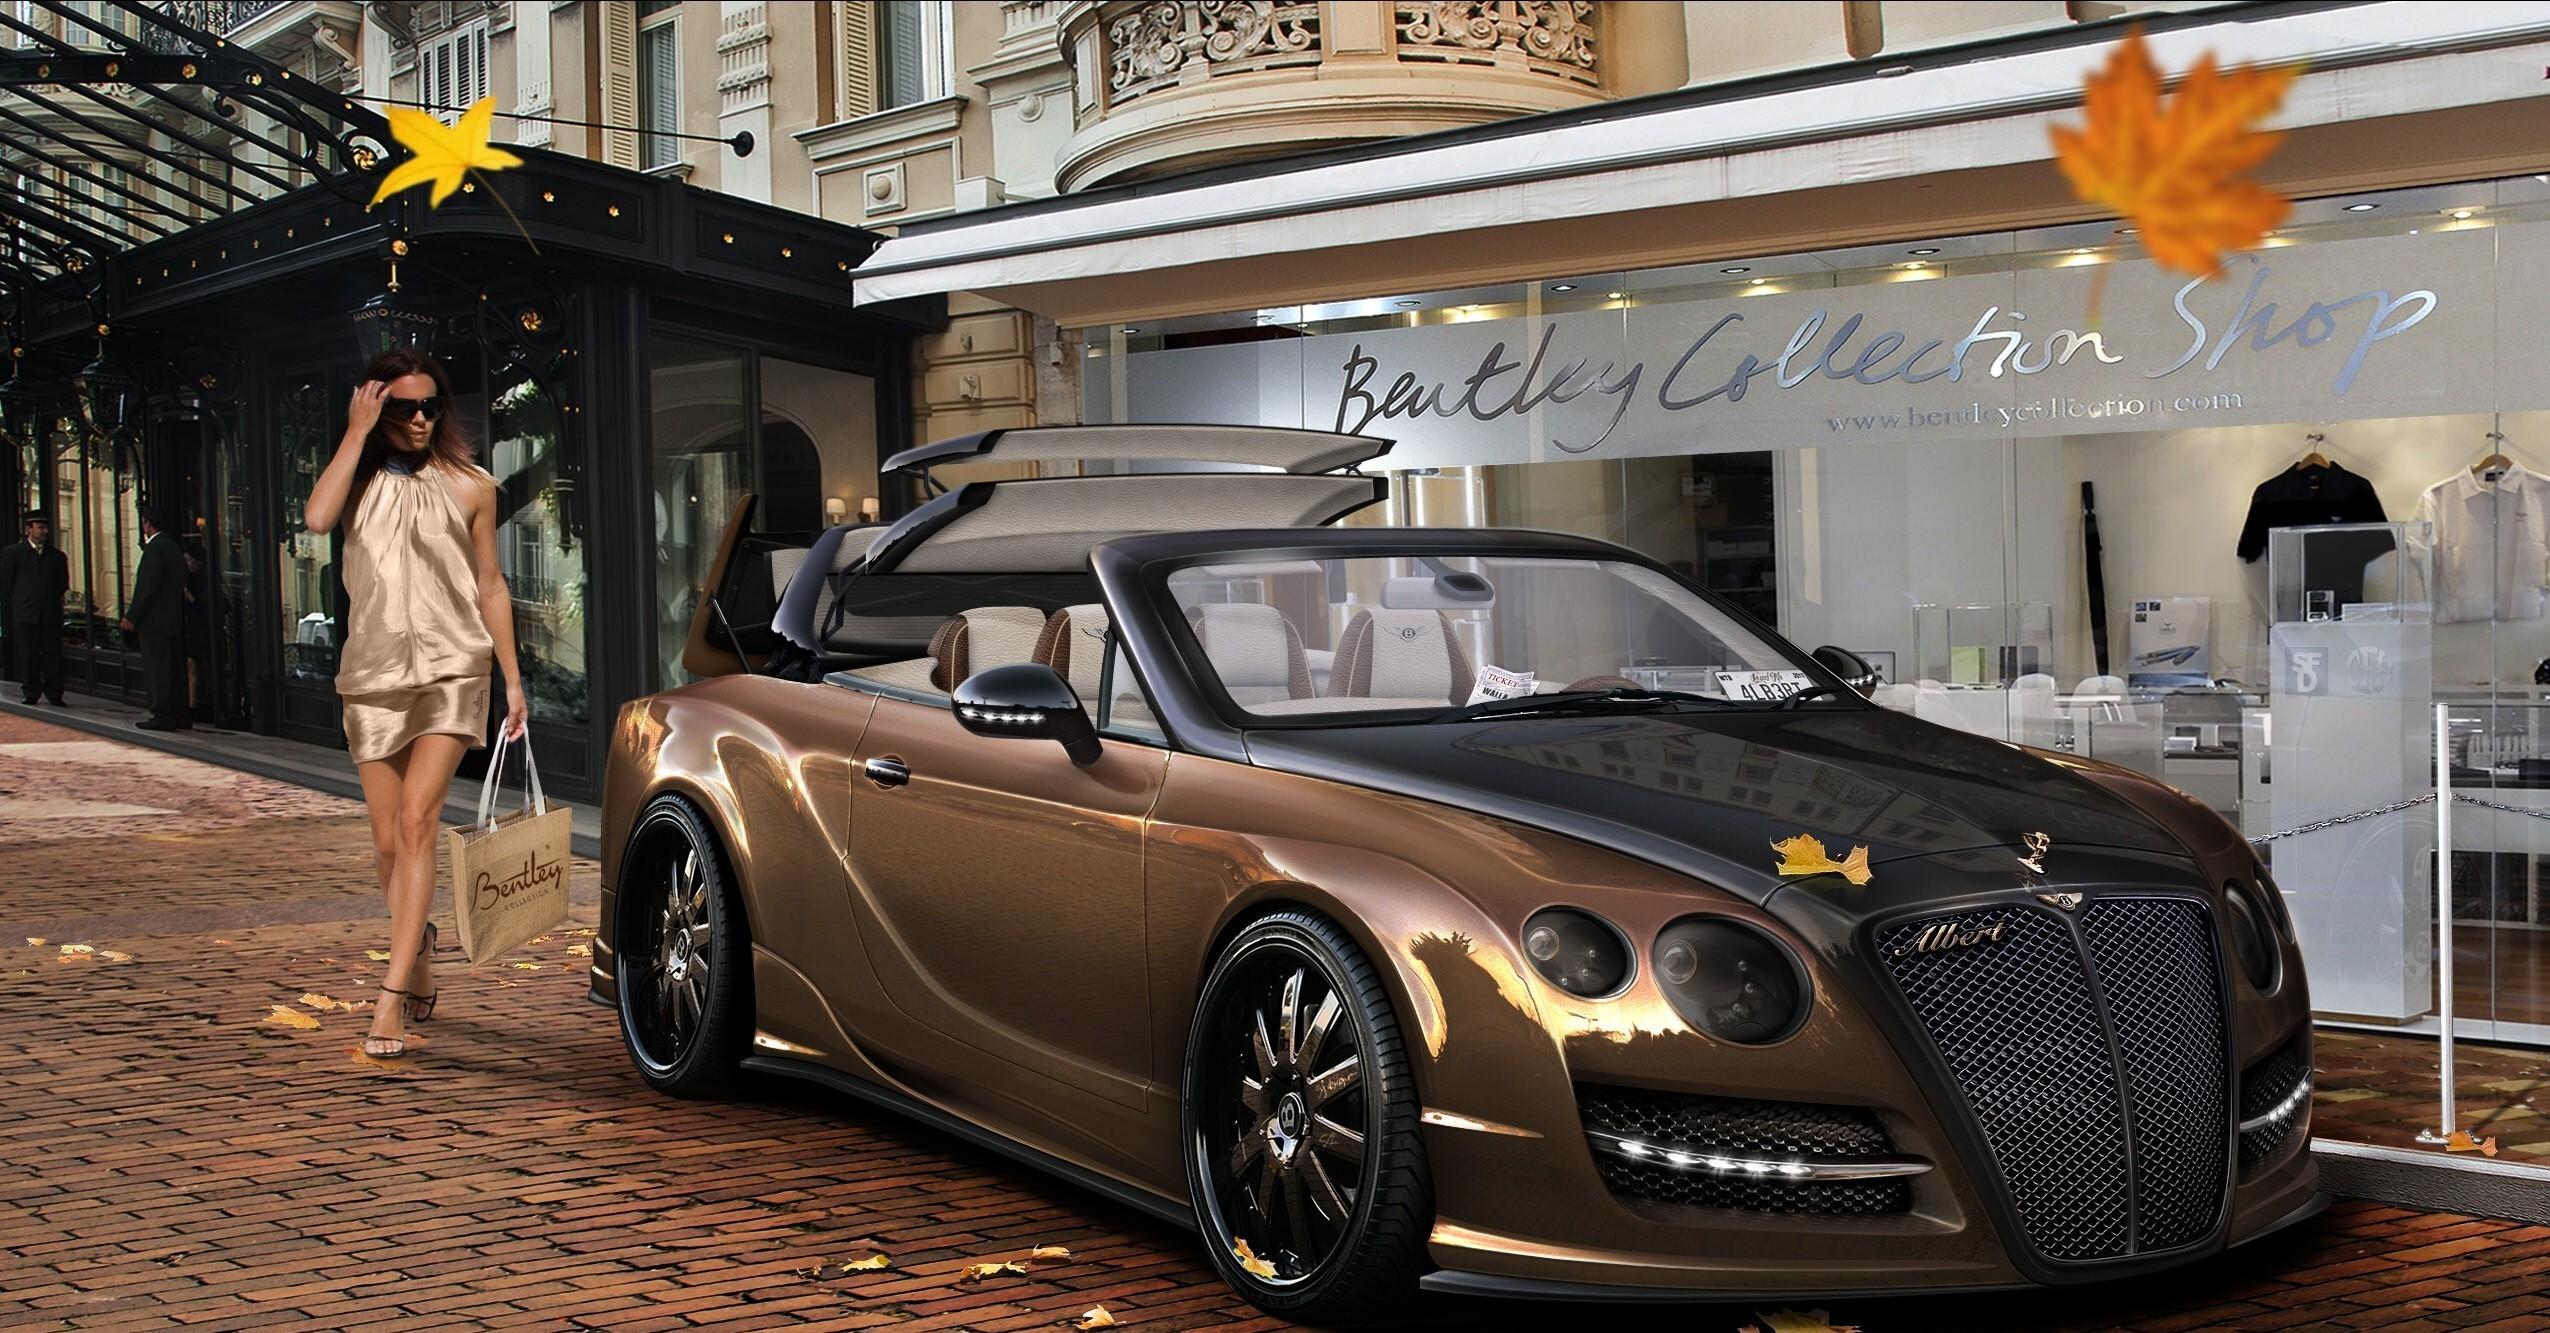 Porsche 918 Wallpaper >> Bentley Continental Wallpapers, Pictures, Images